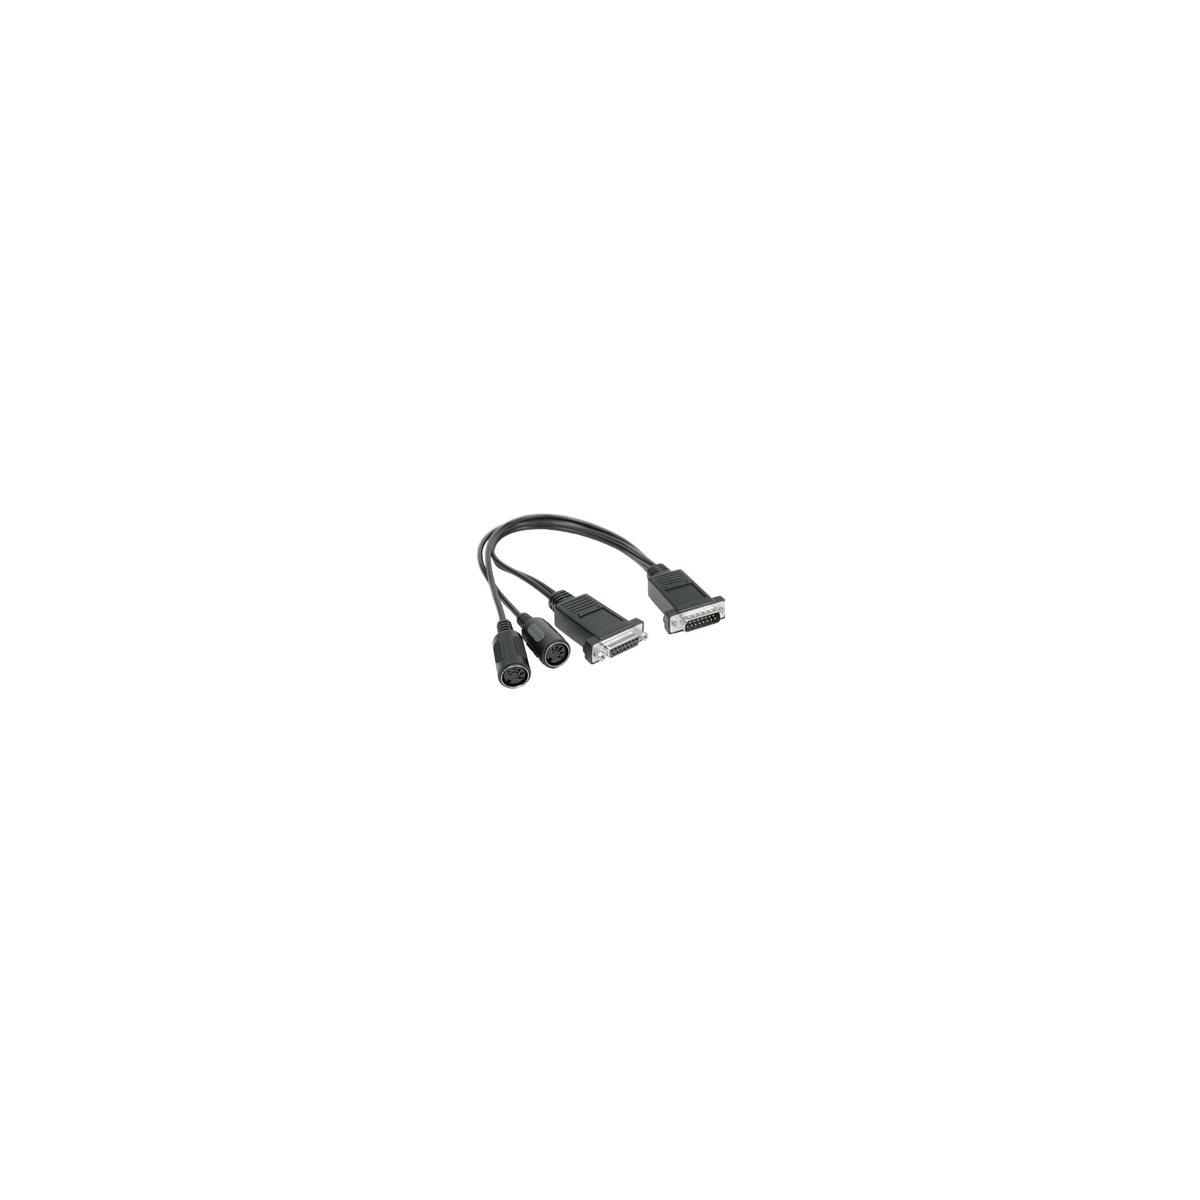 HOSA - SBC195 - Câble d'interface de carte son